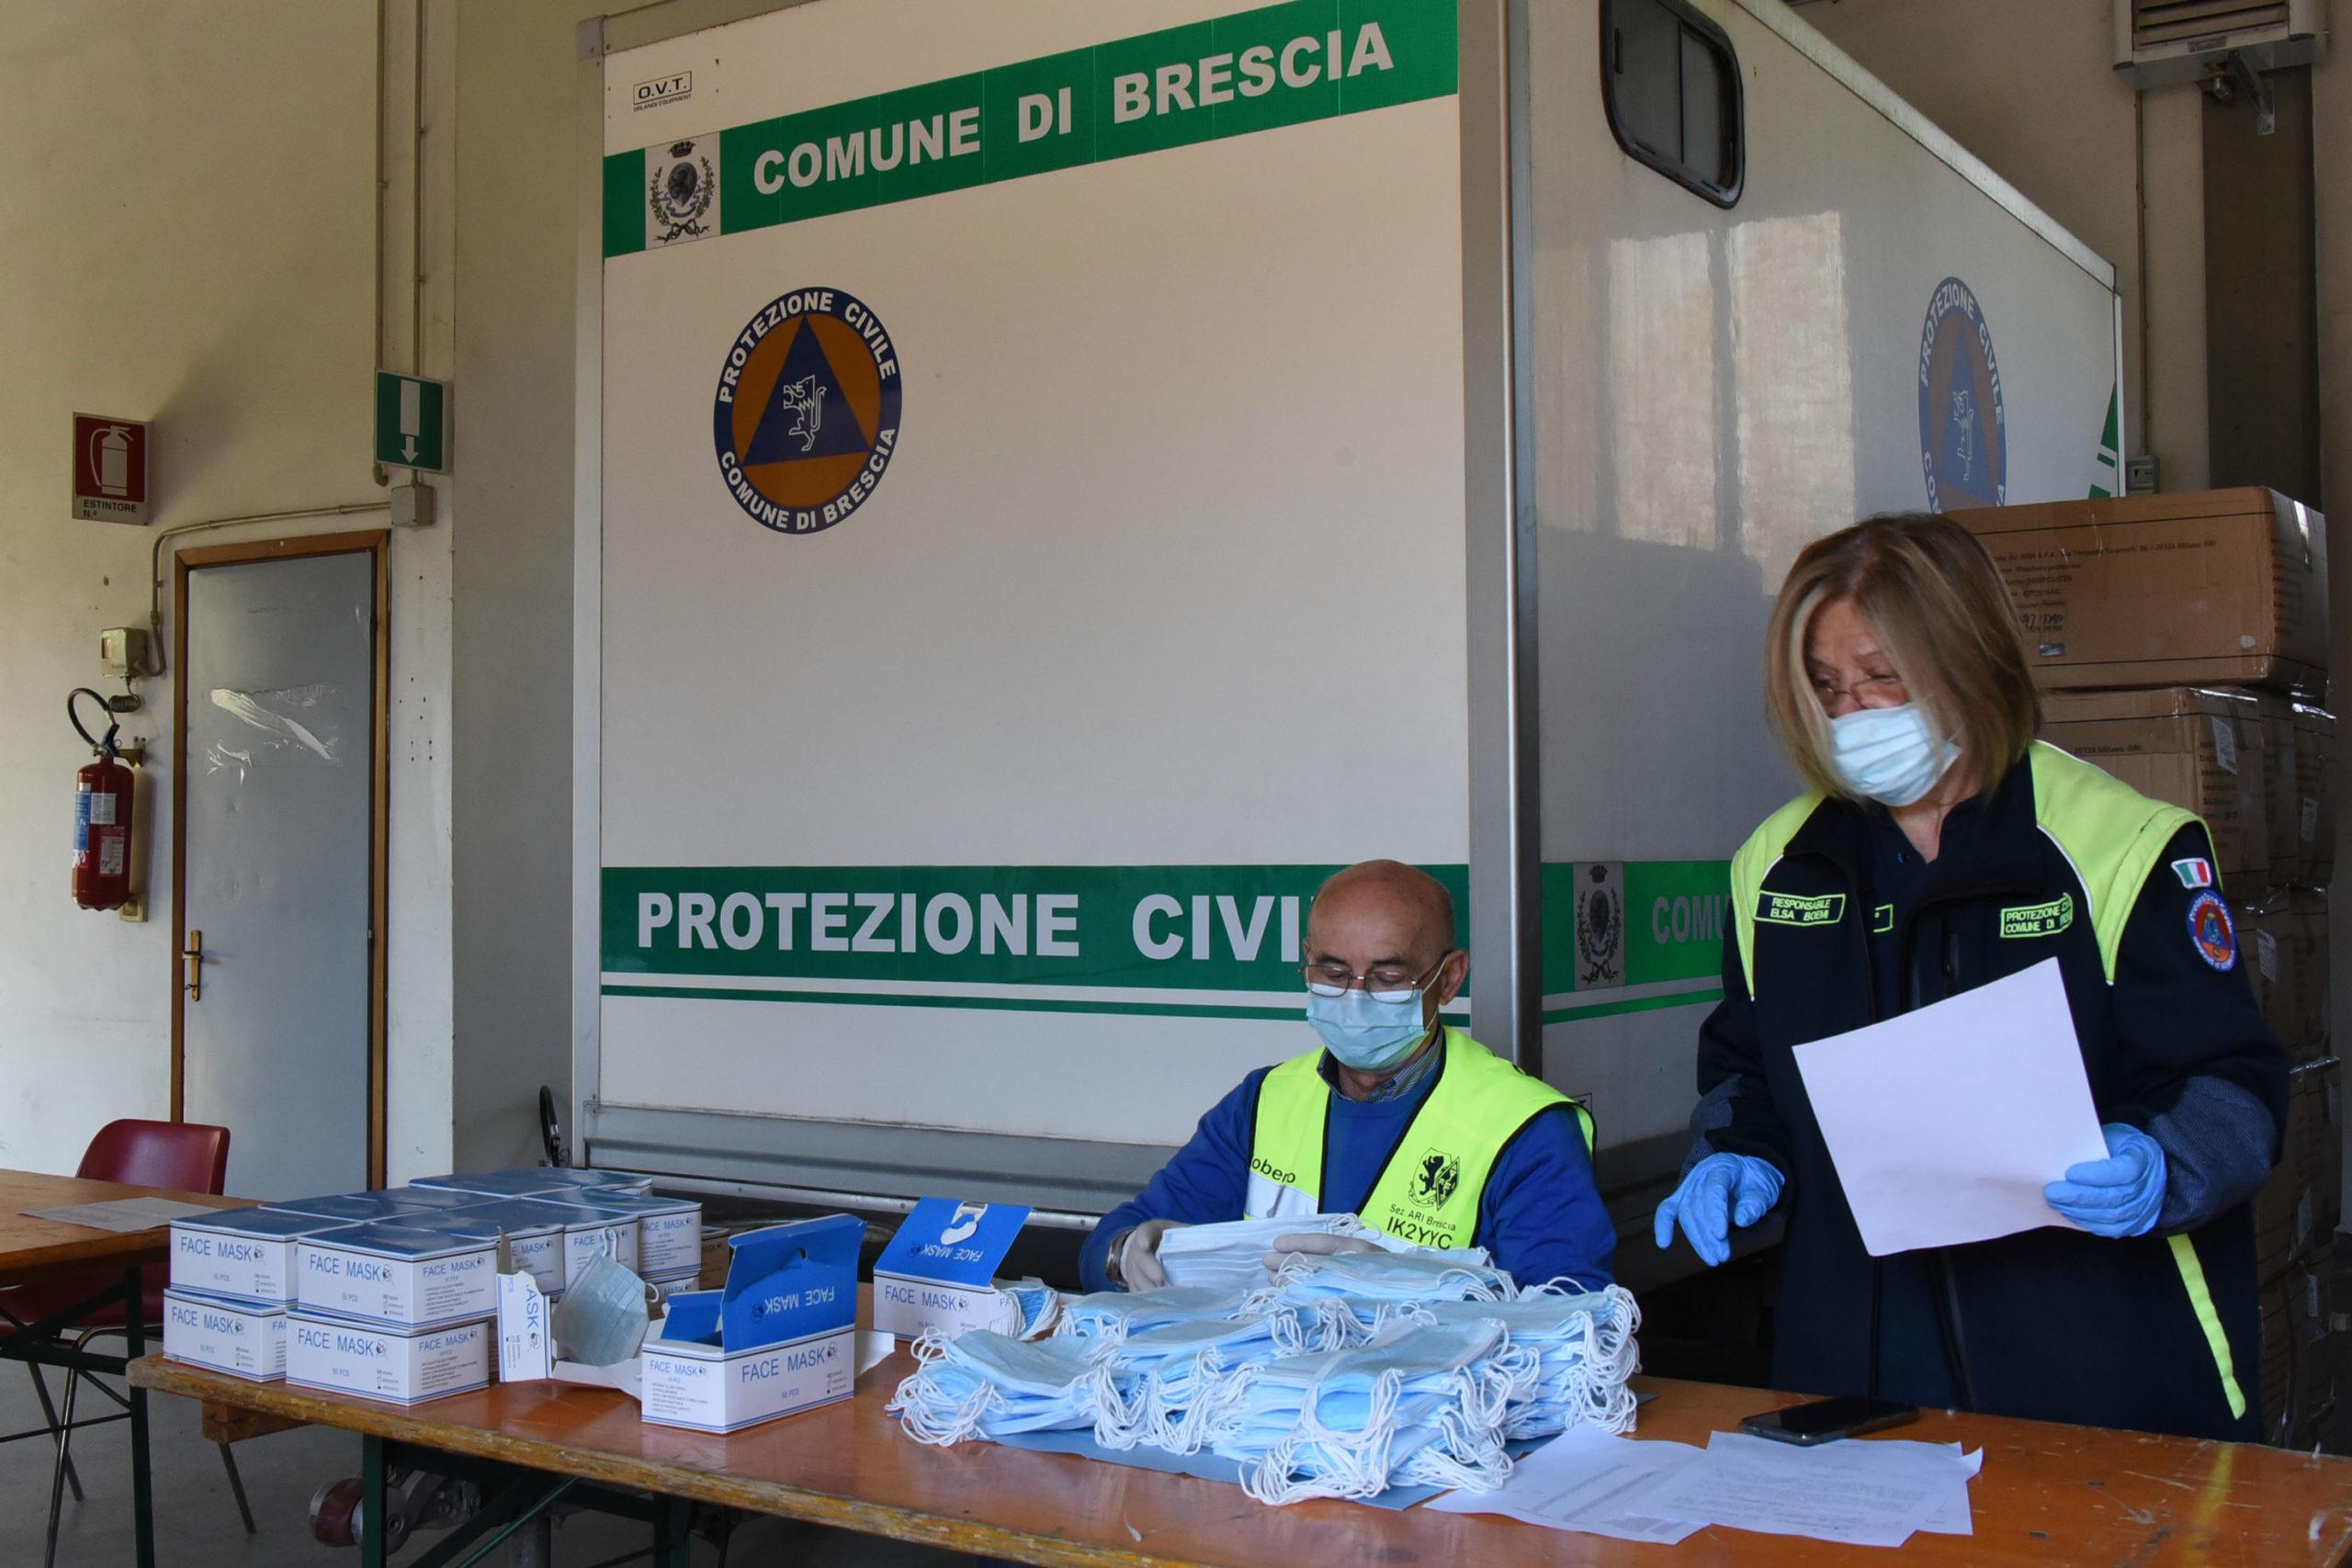 In consegna le mascherine a Brescia